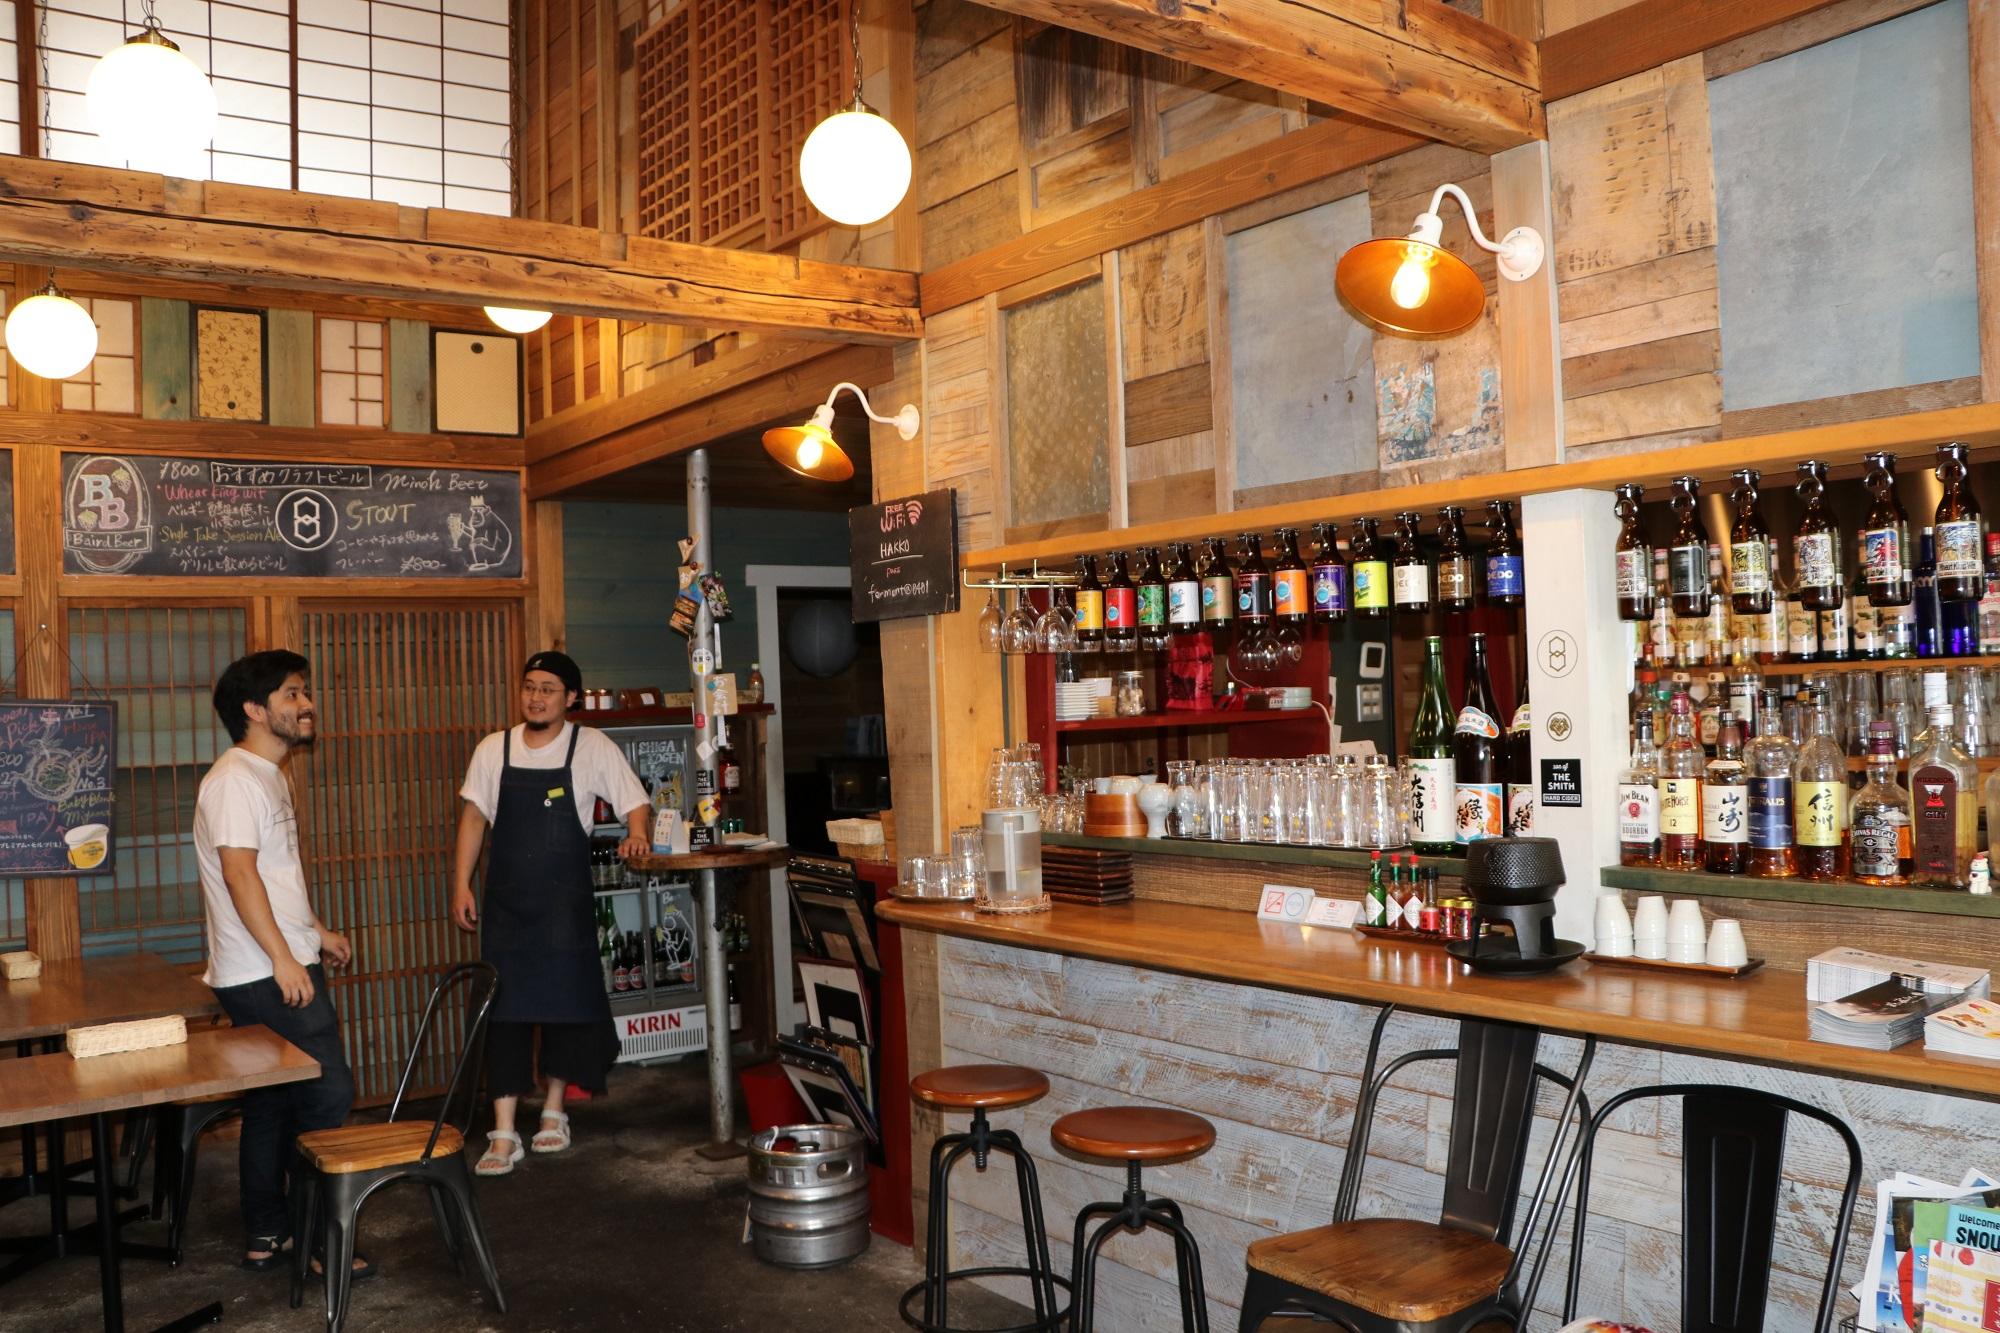 精肉店を改装したビアレストラン。木のぬくもりを感じる落ち着いた雰囲気だ=2018年7月、長野県山ノ内町